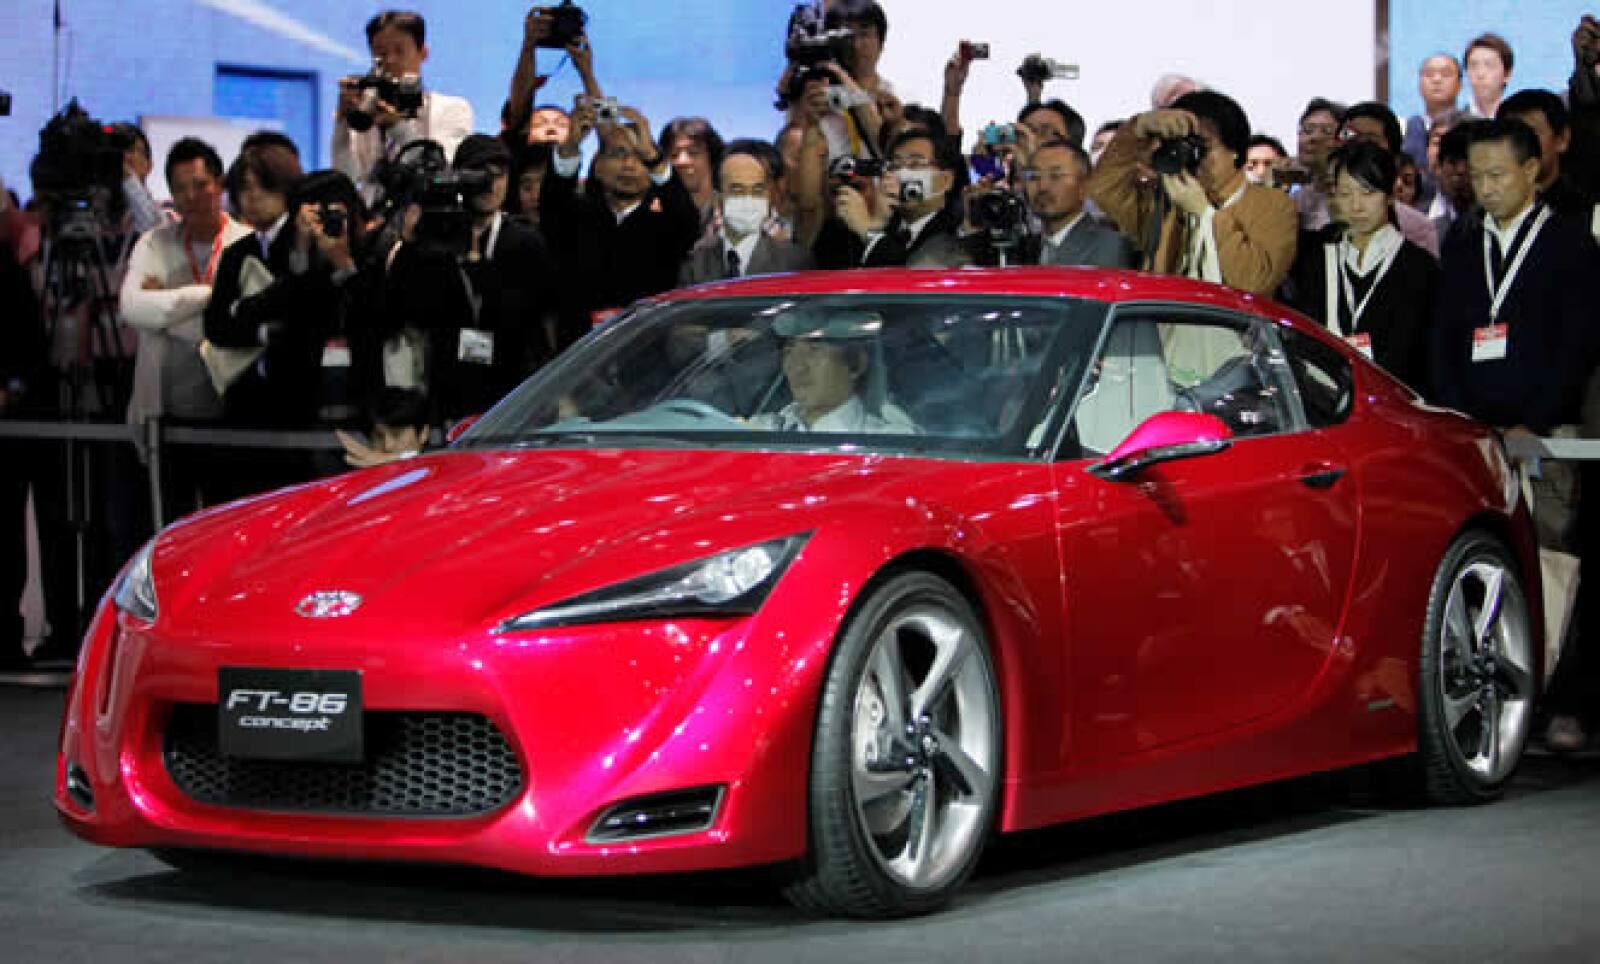 La firma automotriz distribuirá el modelo FT-86 a partir del 2011, contará con un motor de 2.0 litros de gasolina y además tendrá tracción trasera.